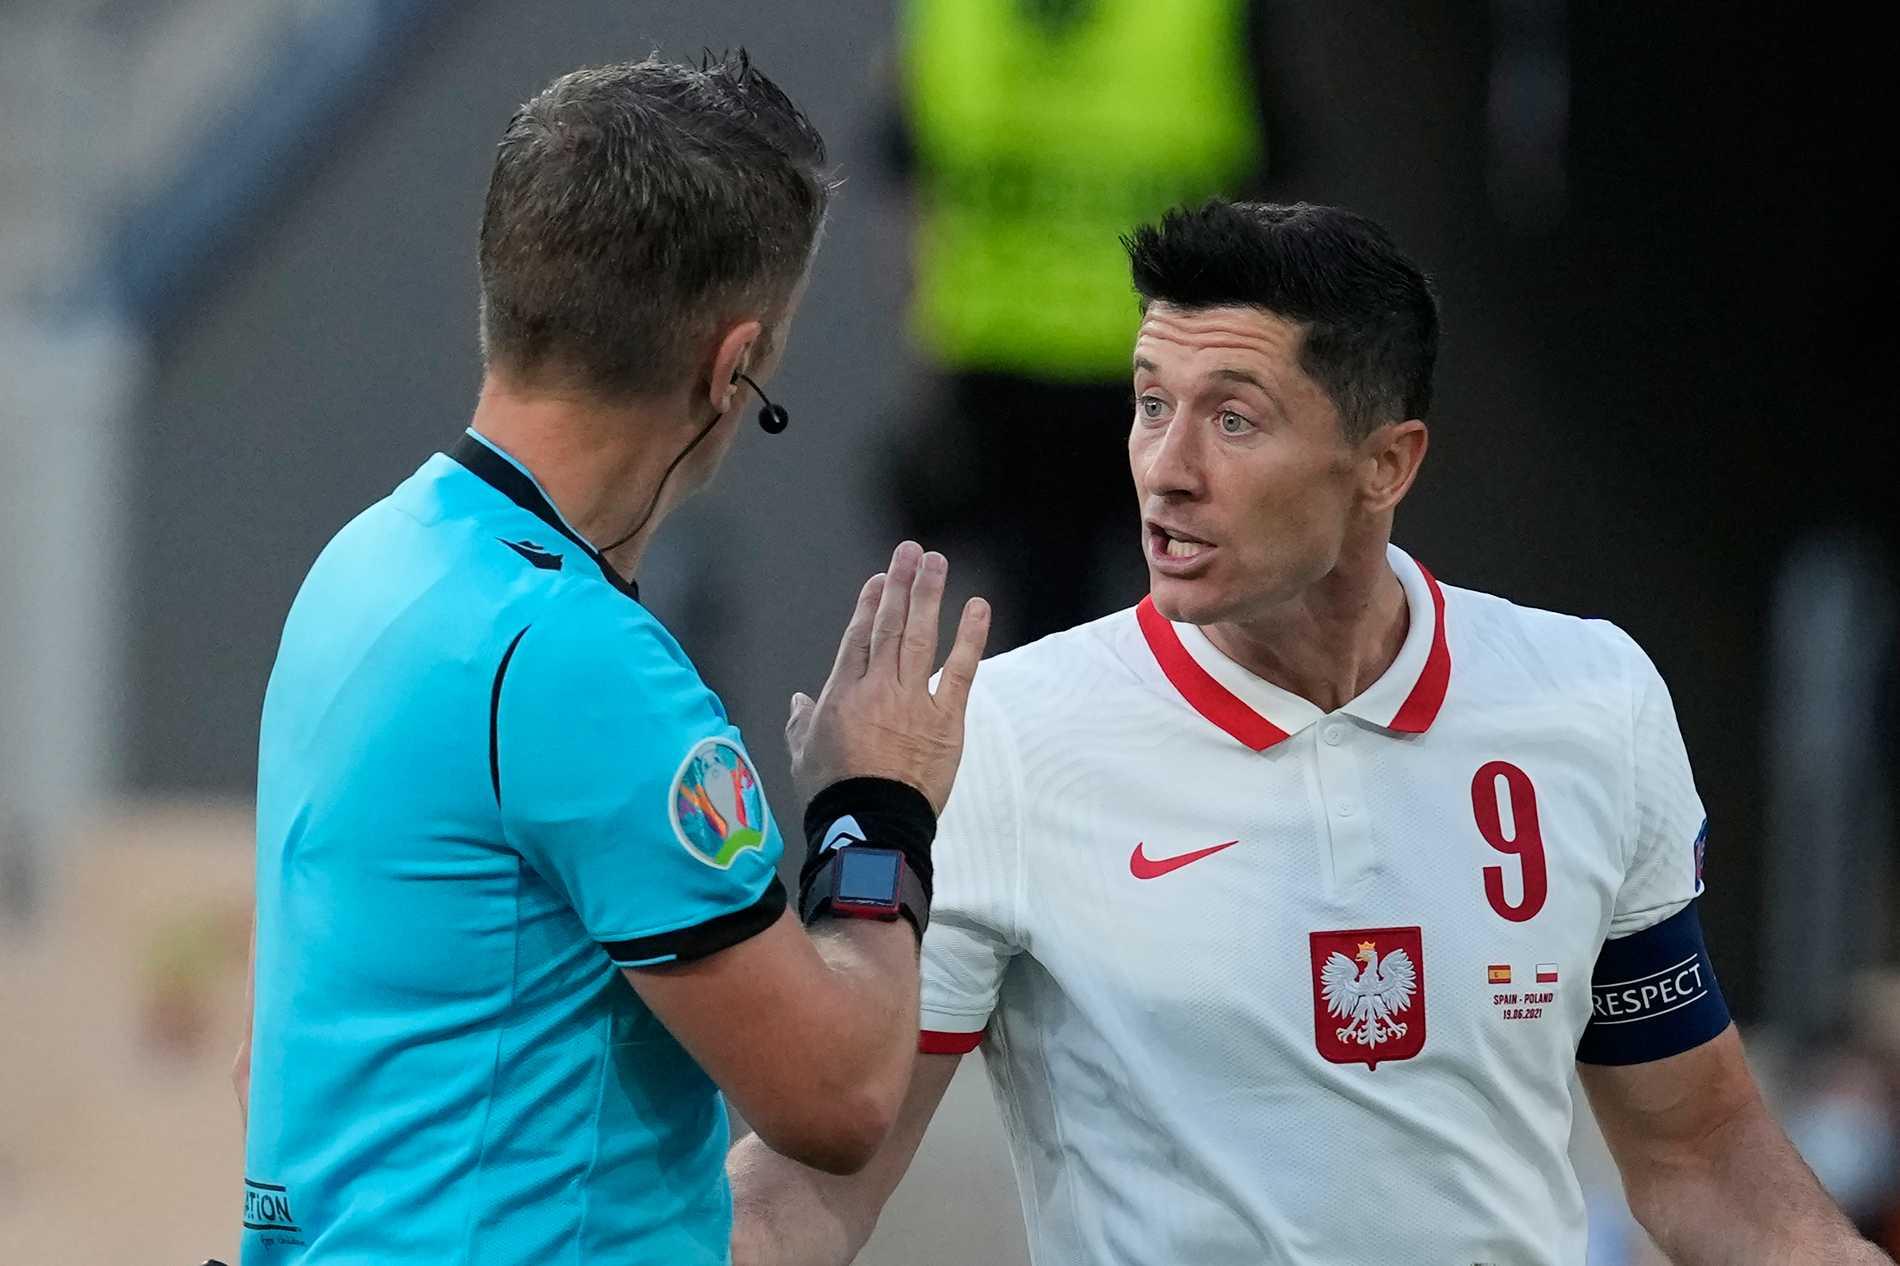 Polens storstjärna Robert Lewandowski gjorde mål mot Spanien, men laget är piskat att vinna mot Sverige i sista matchen för att gå vidare.